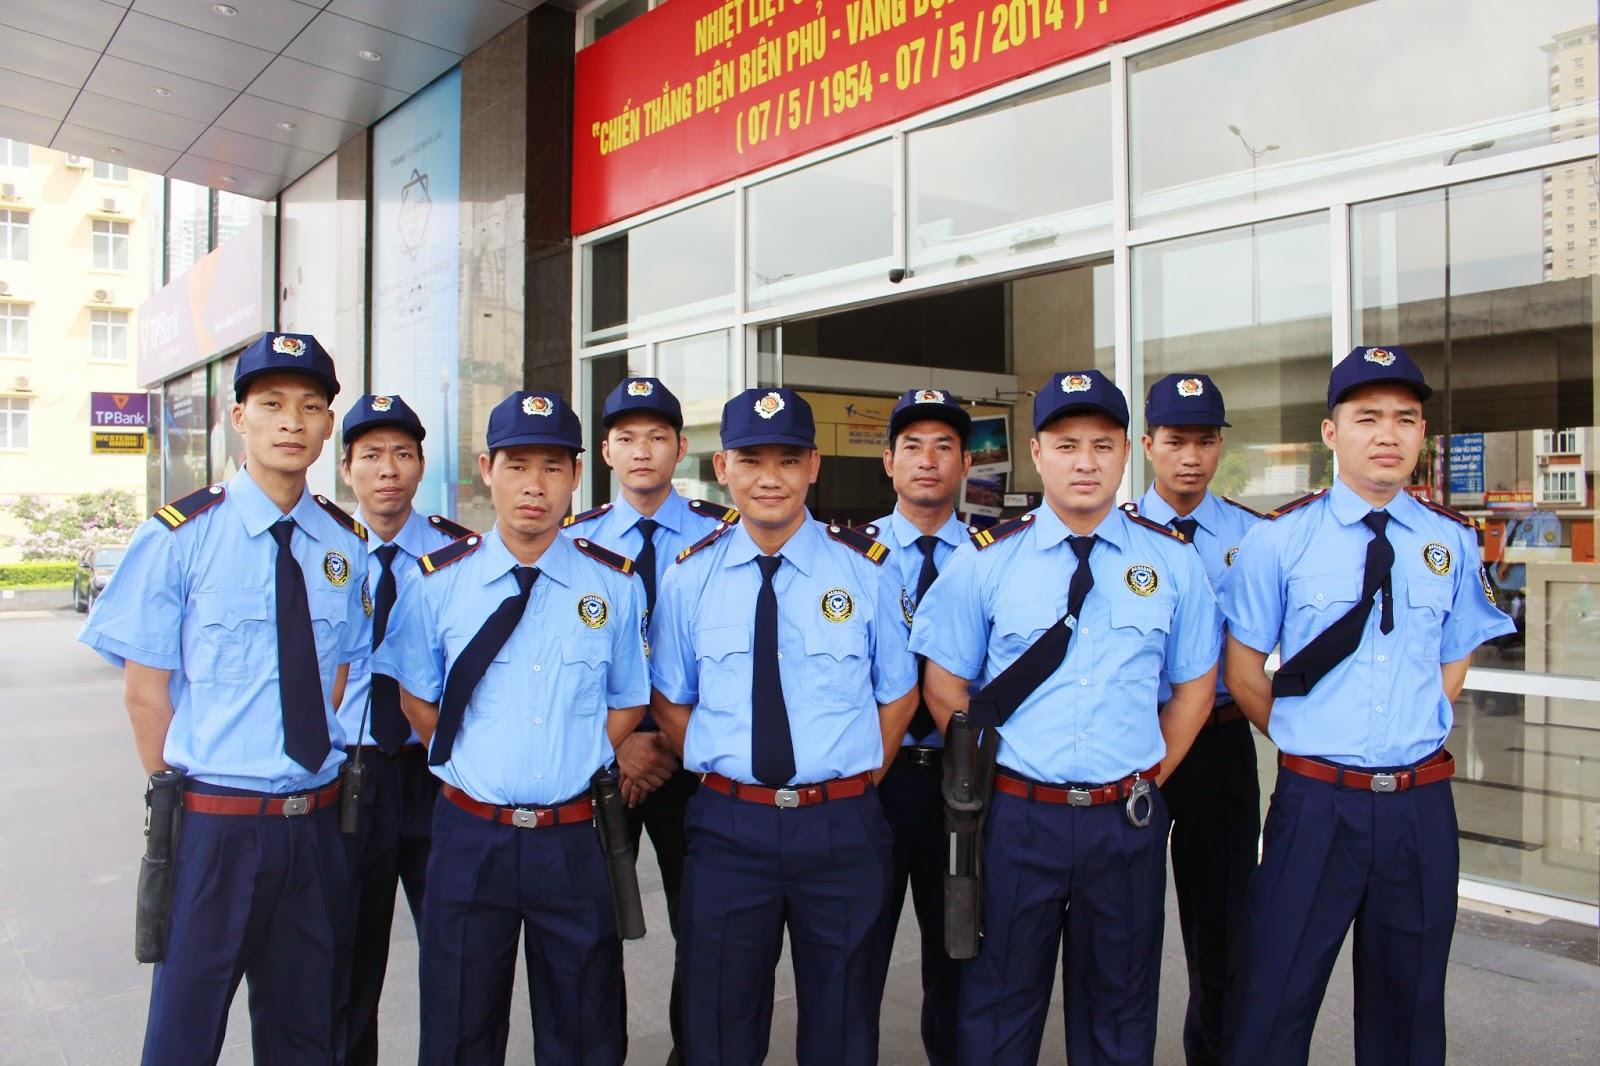 bảo vệ tại Tp.Hồ Chí Minh 2